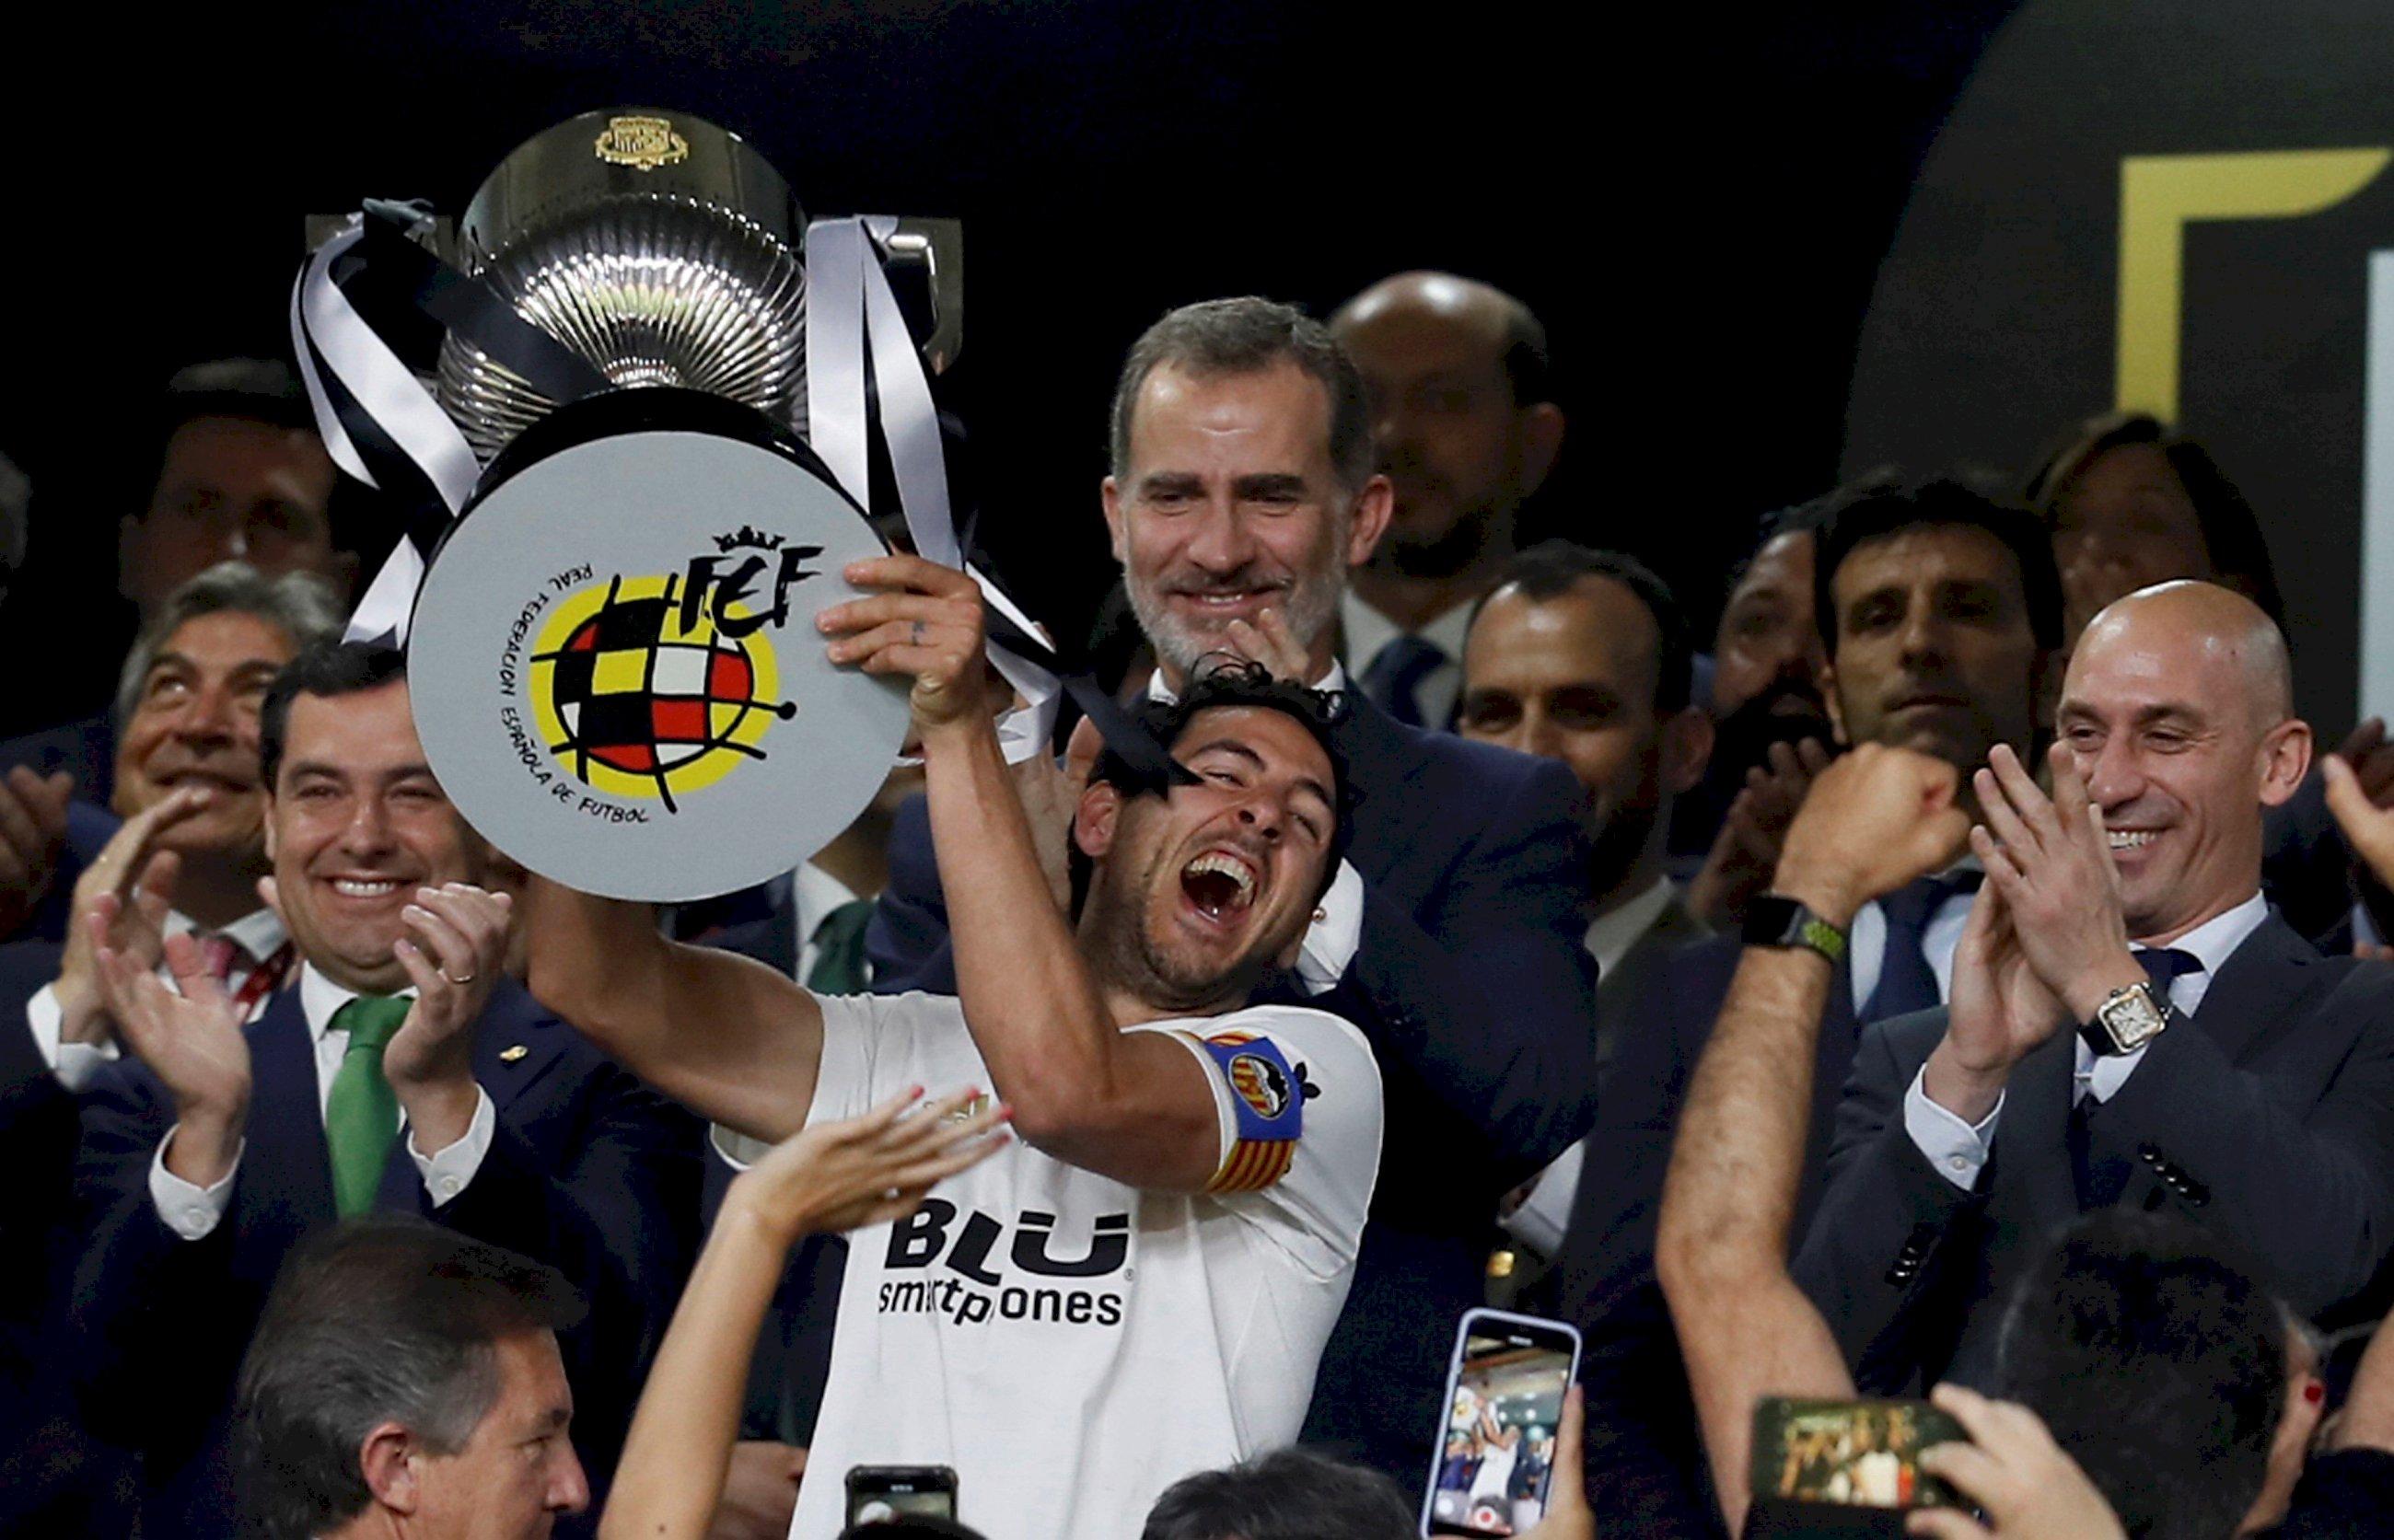 Dani Parejo levantando la Copa del Rey. EFE.